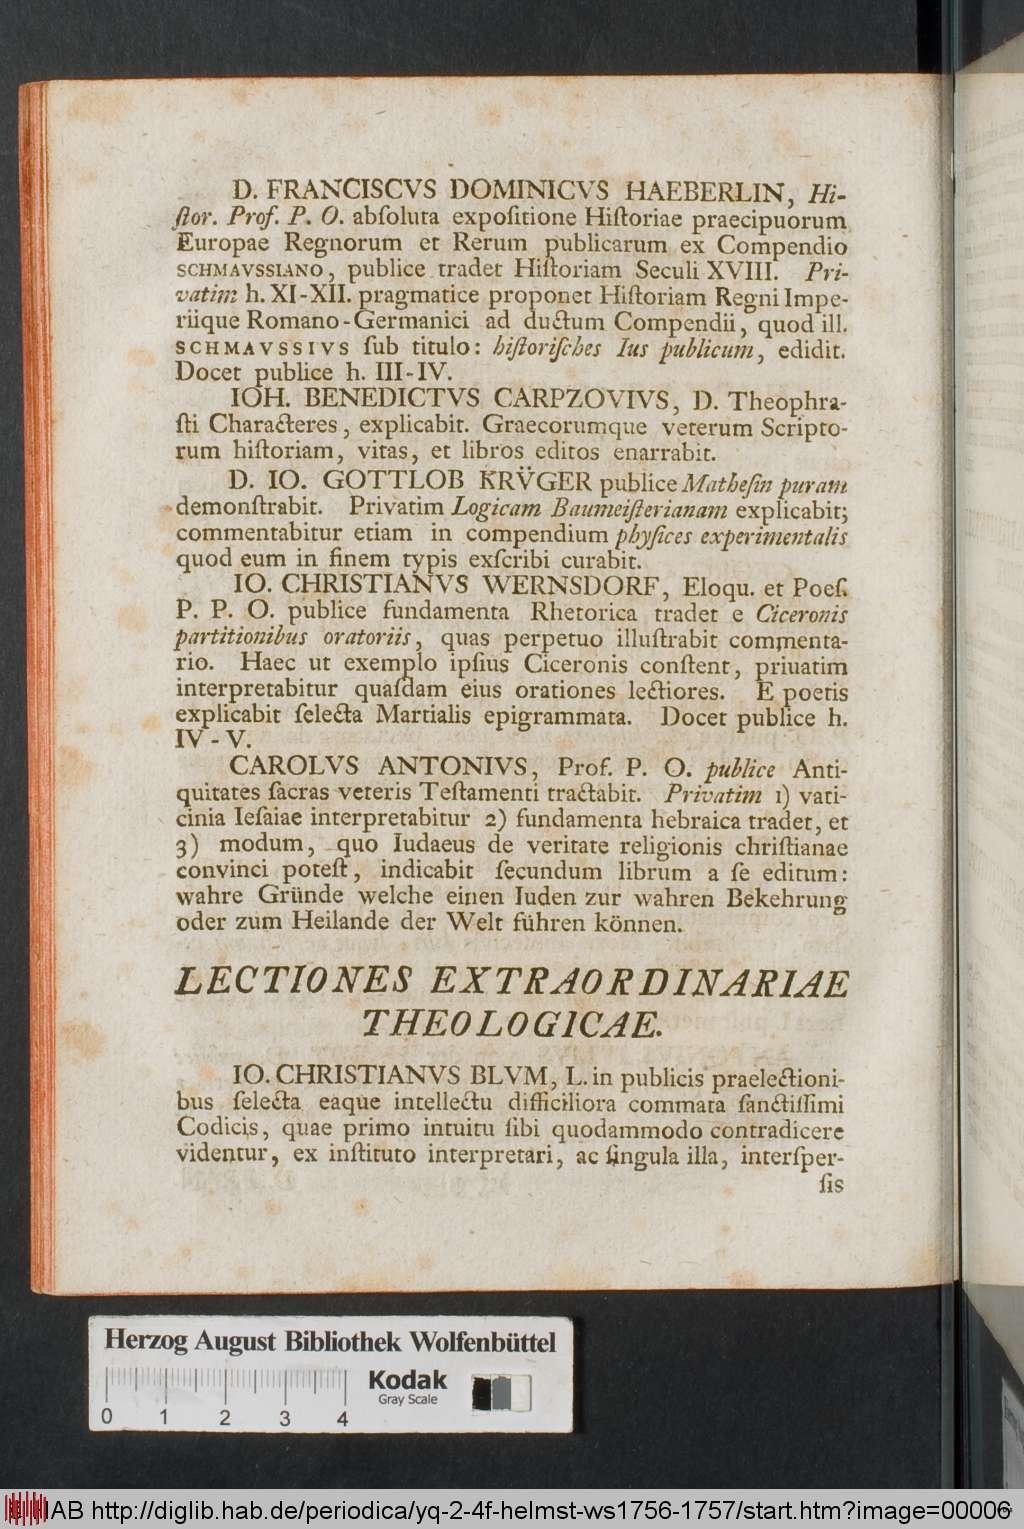 http://diglib.hab.de/periodica/yq-2-4f-helmst-ws1756-1757/00006.jpg